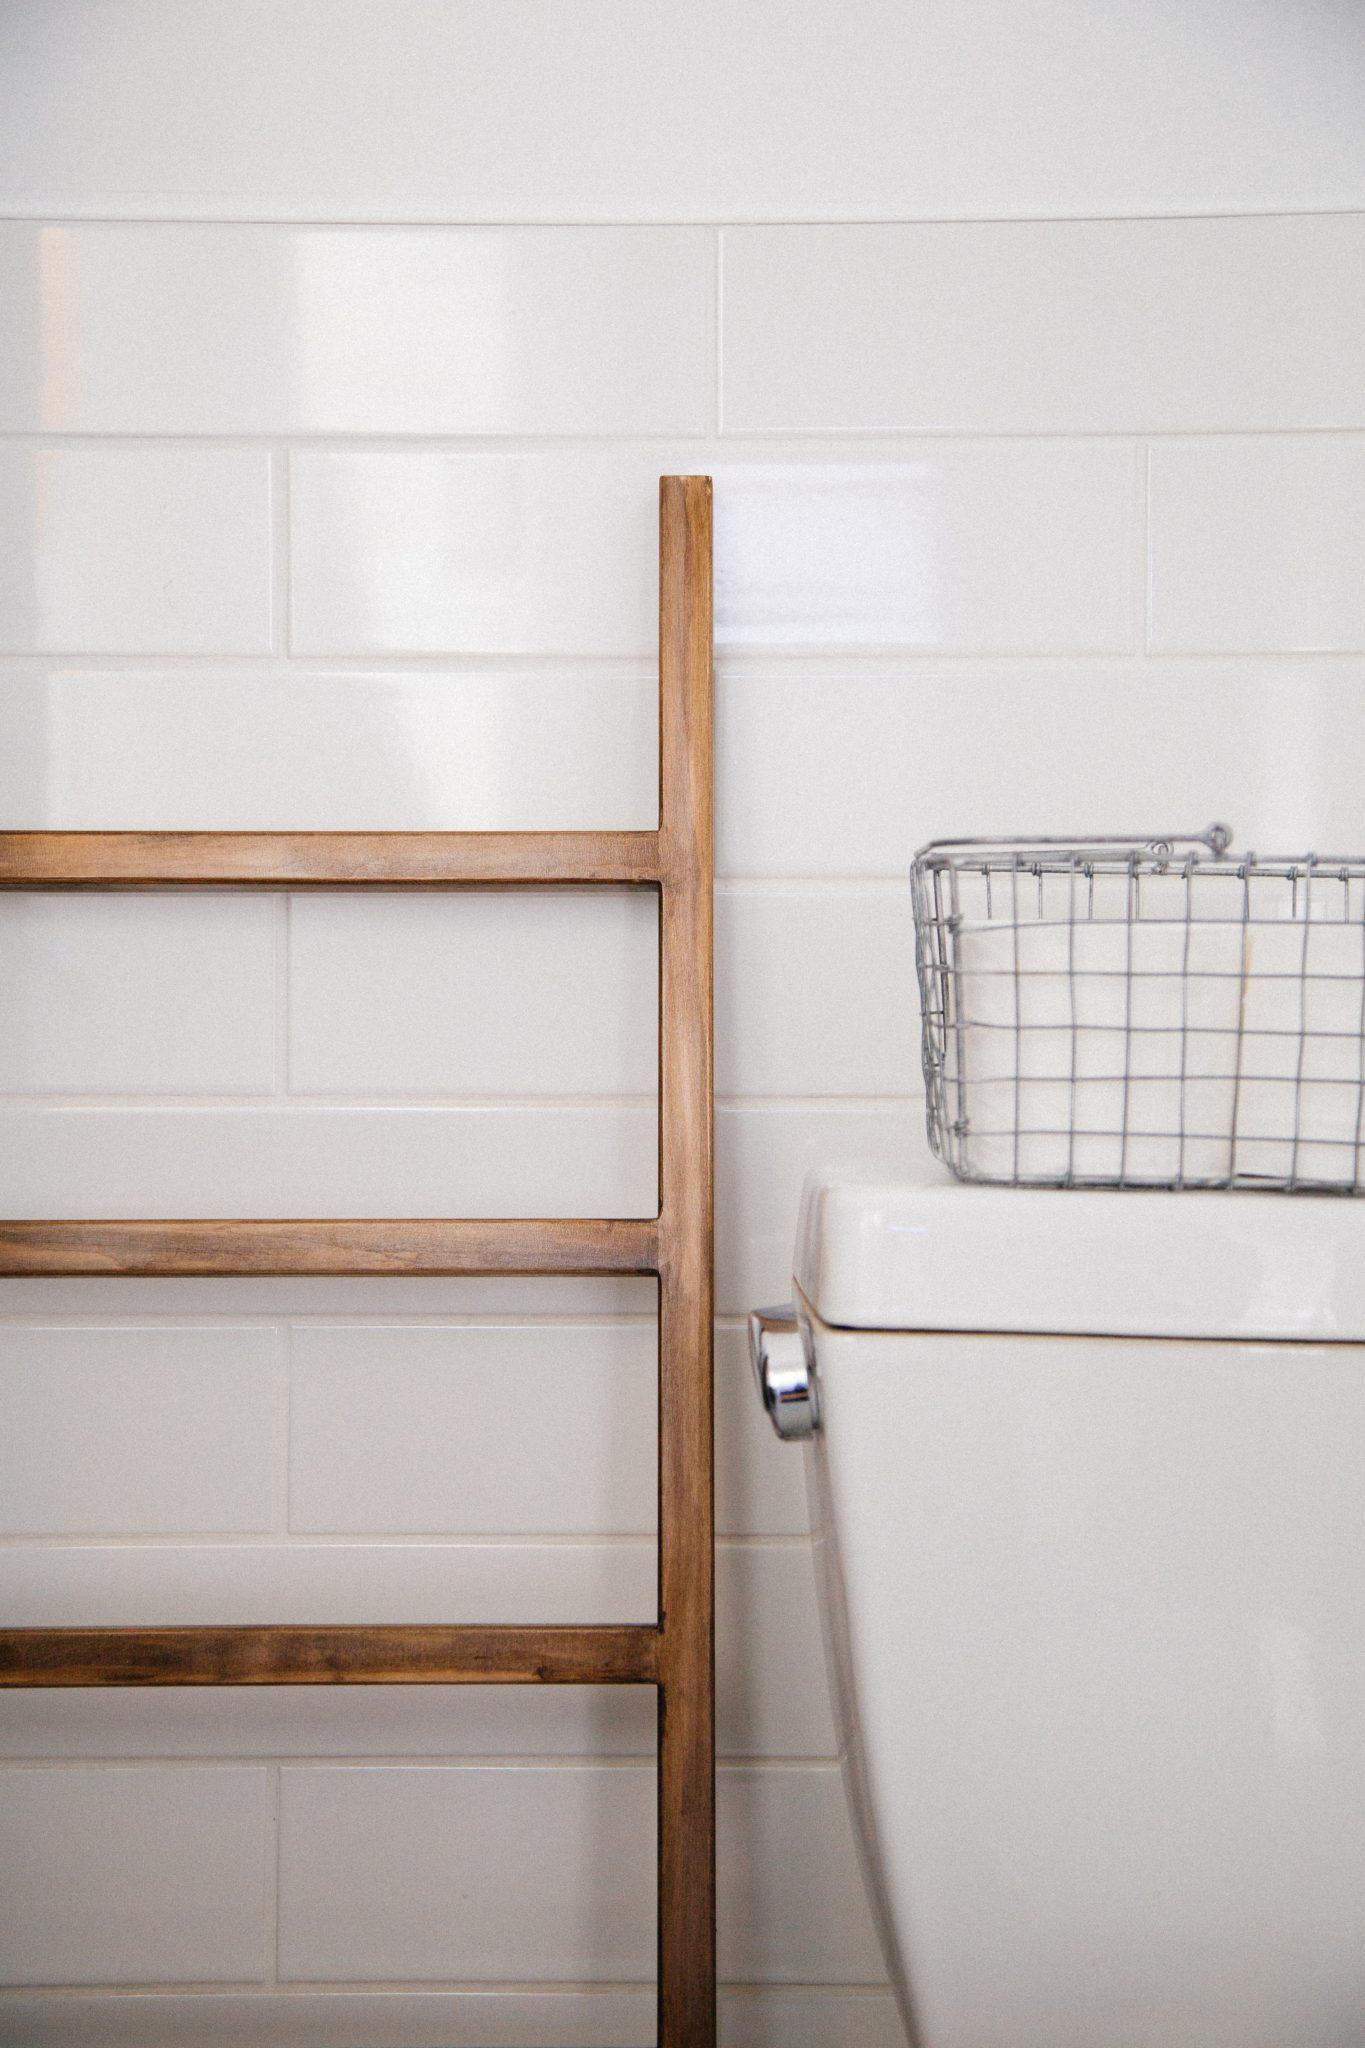 tout sur le wc sanibroyeur qu 39 est ce que c 39 est fonctionnement pannes prix entretien et. Black Bedroom Furniture Sets. Home Design Ideas